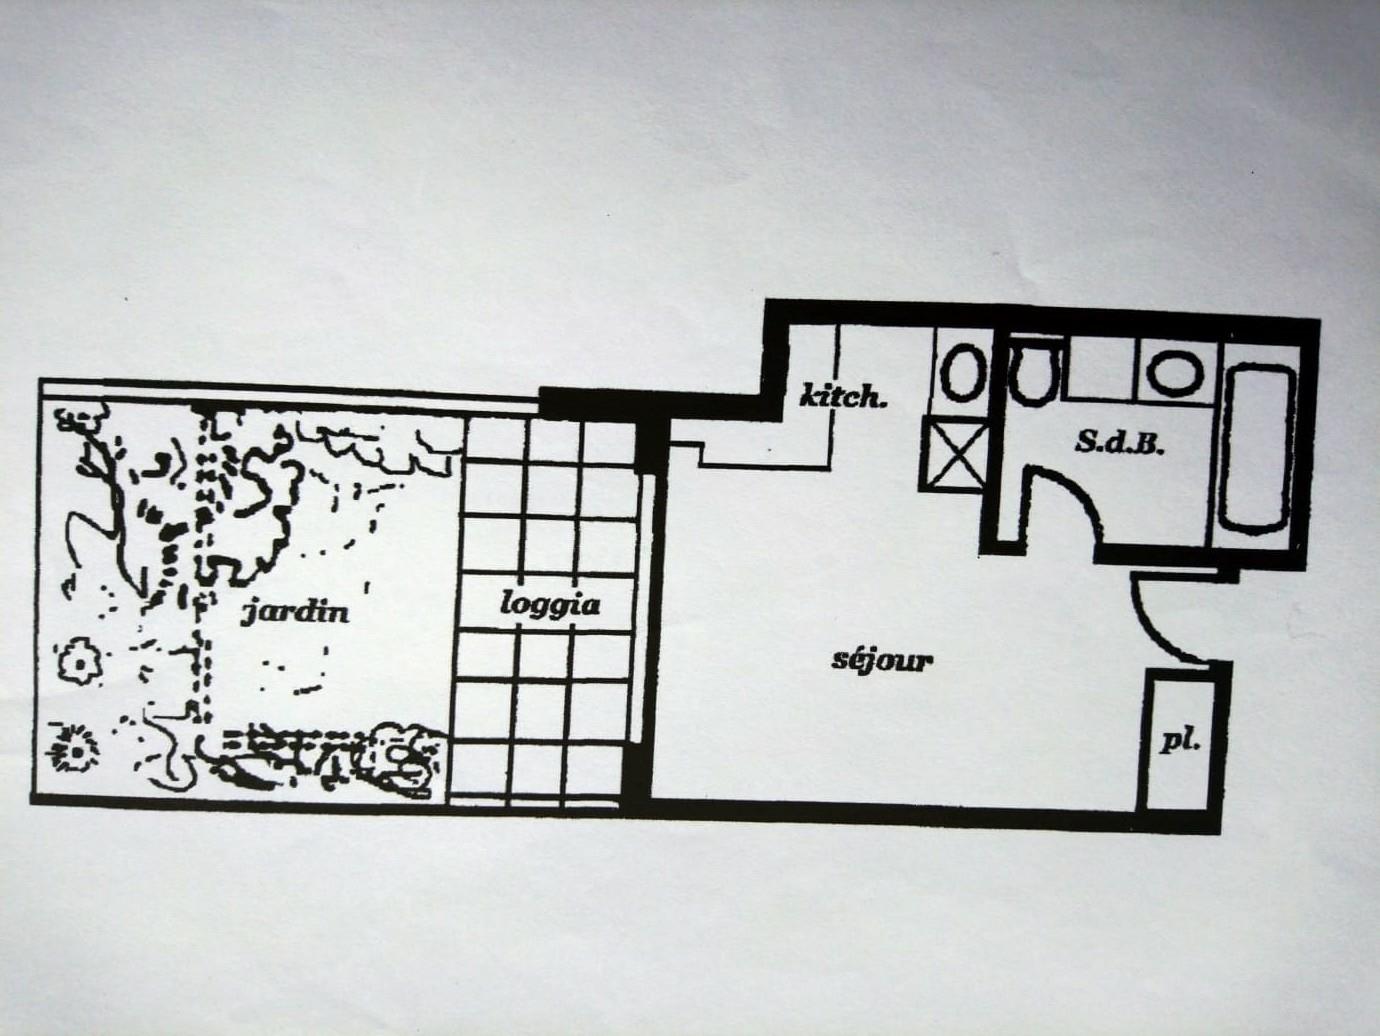 Agréable Studio à usage mixte - Locations de bureaux